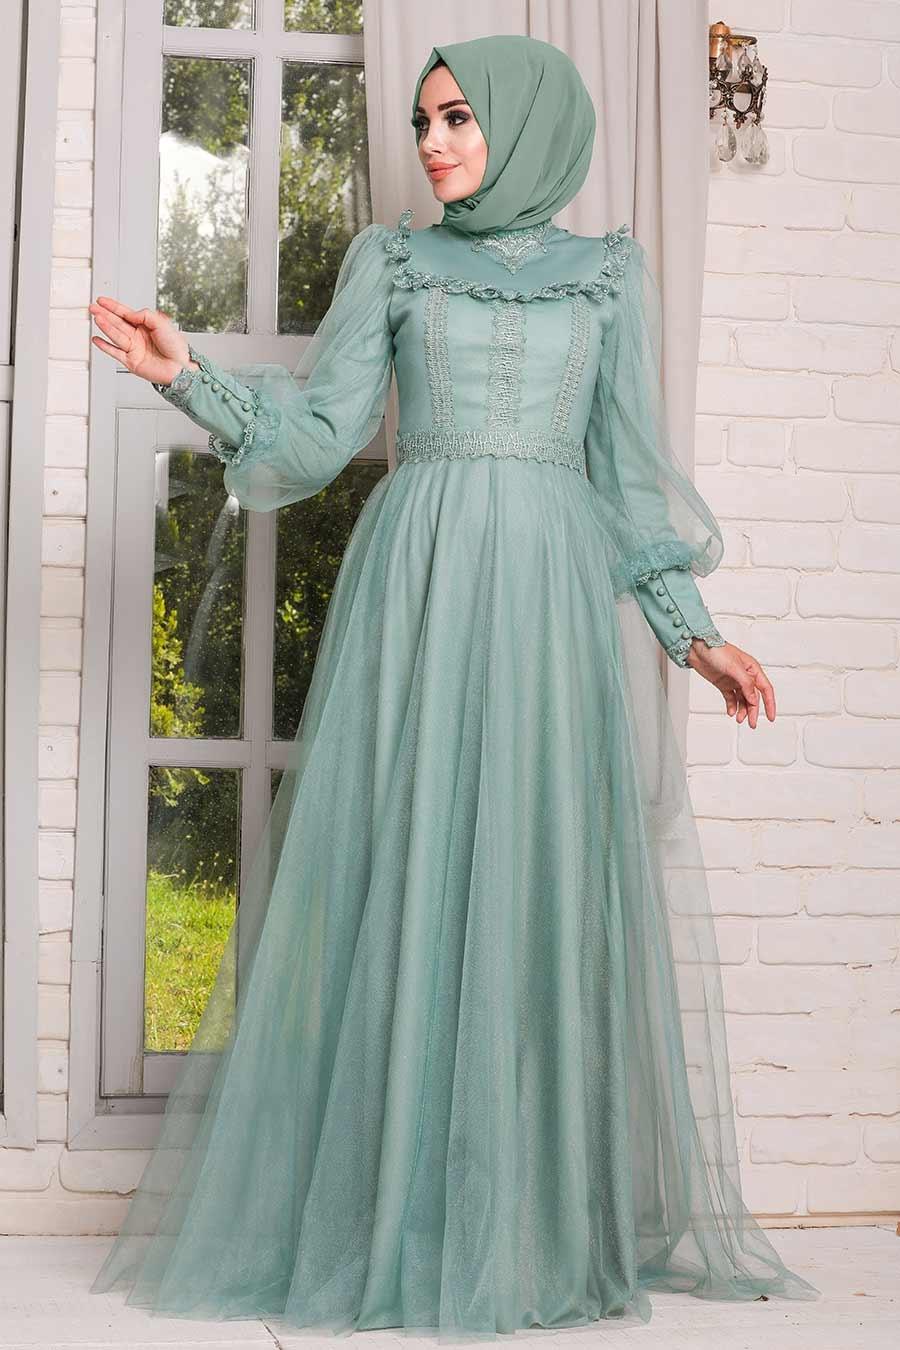 Tesettürlü Abiye Elbise - Dantelli Mint Tesettür Abiye Elbise 21790MINT